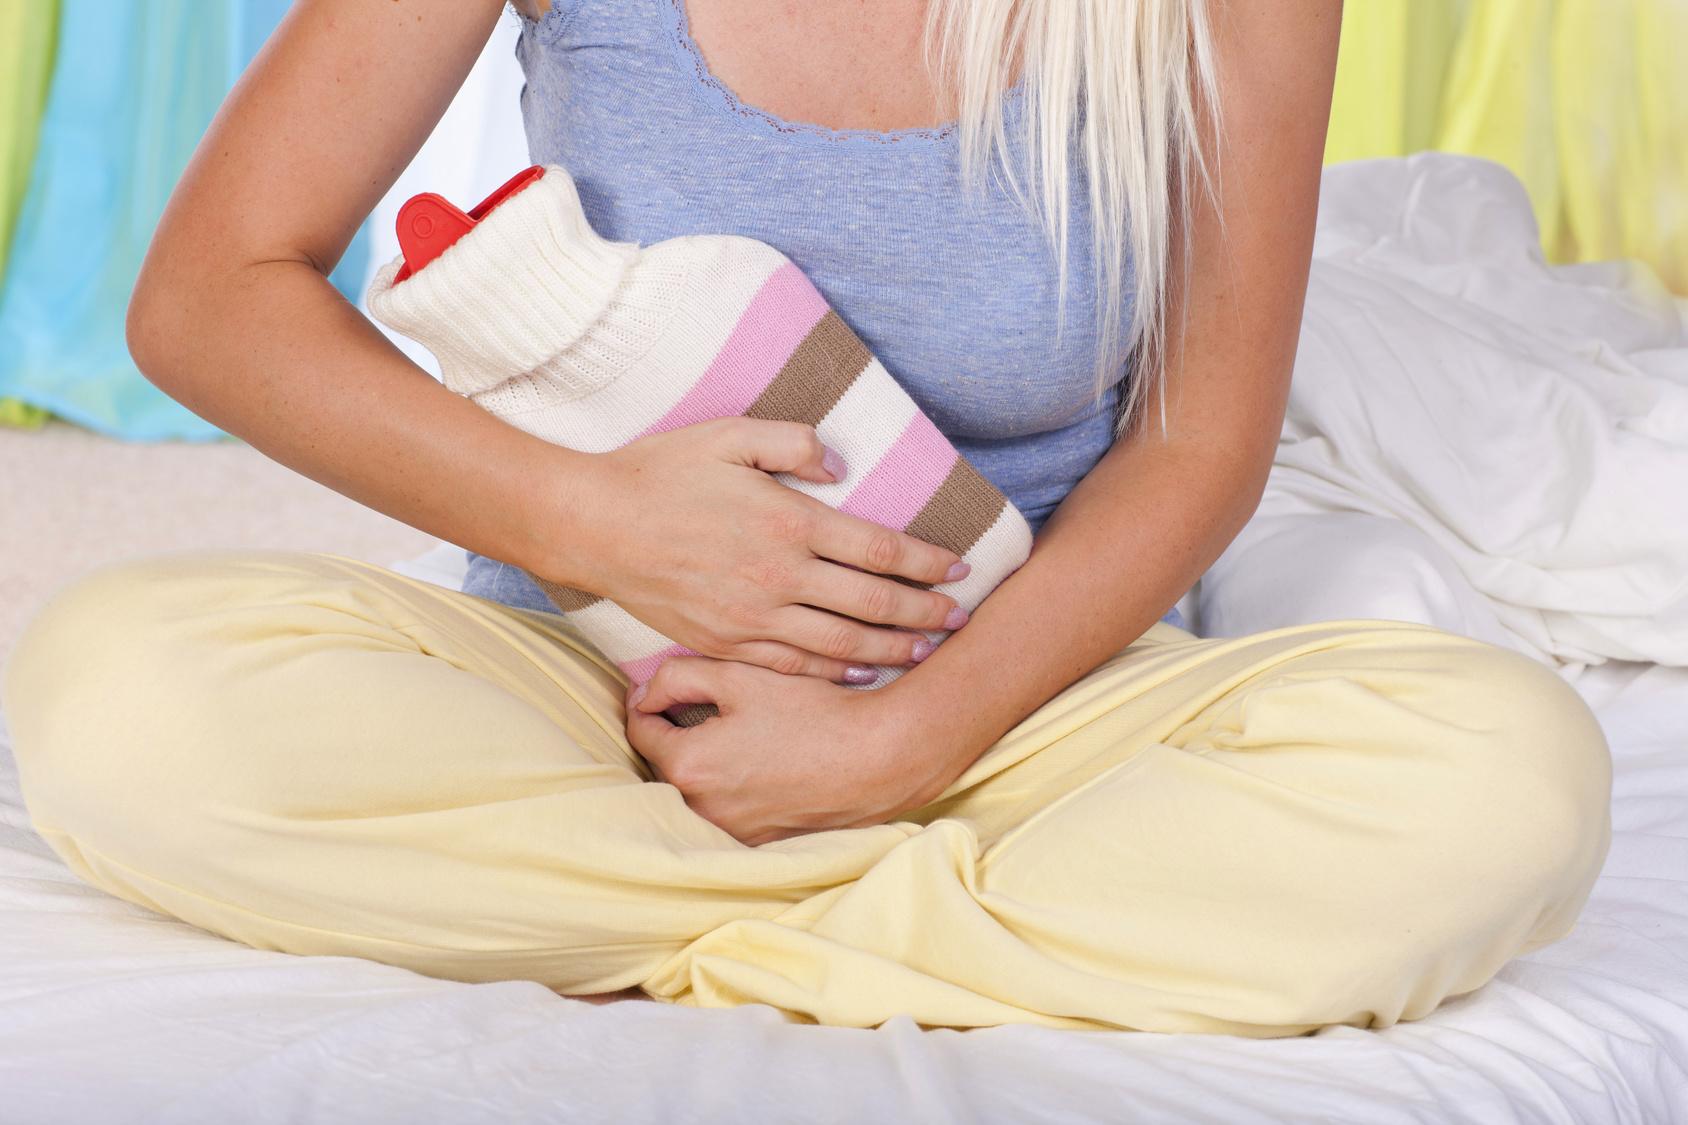 Лечение цистита в домашних условиях: лучшие рецепты